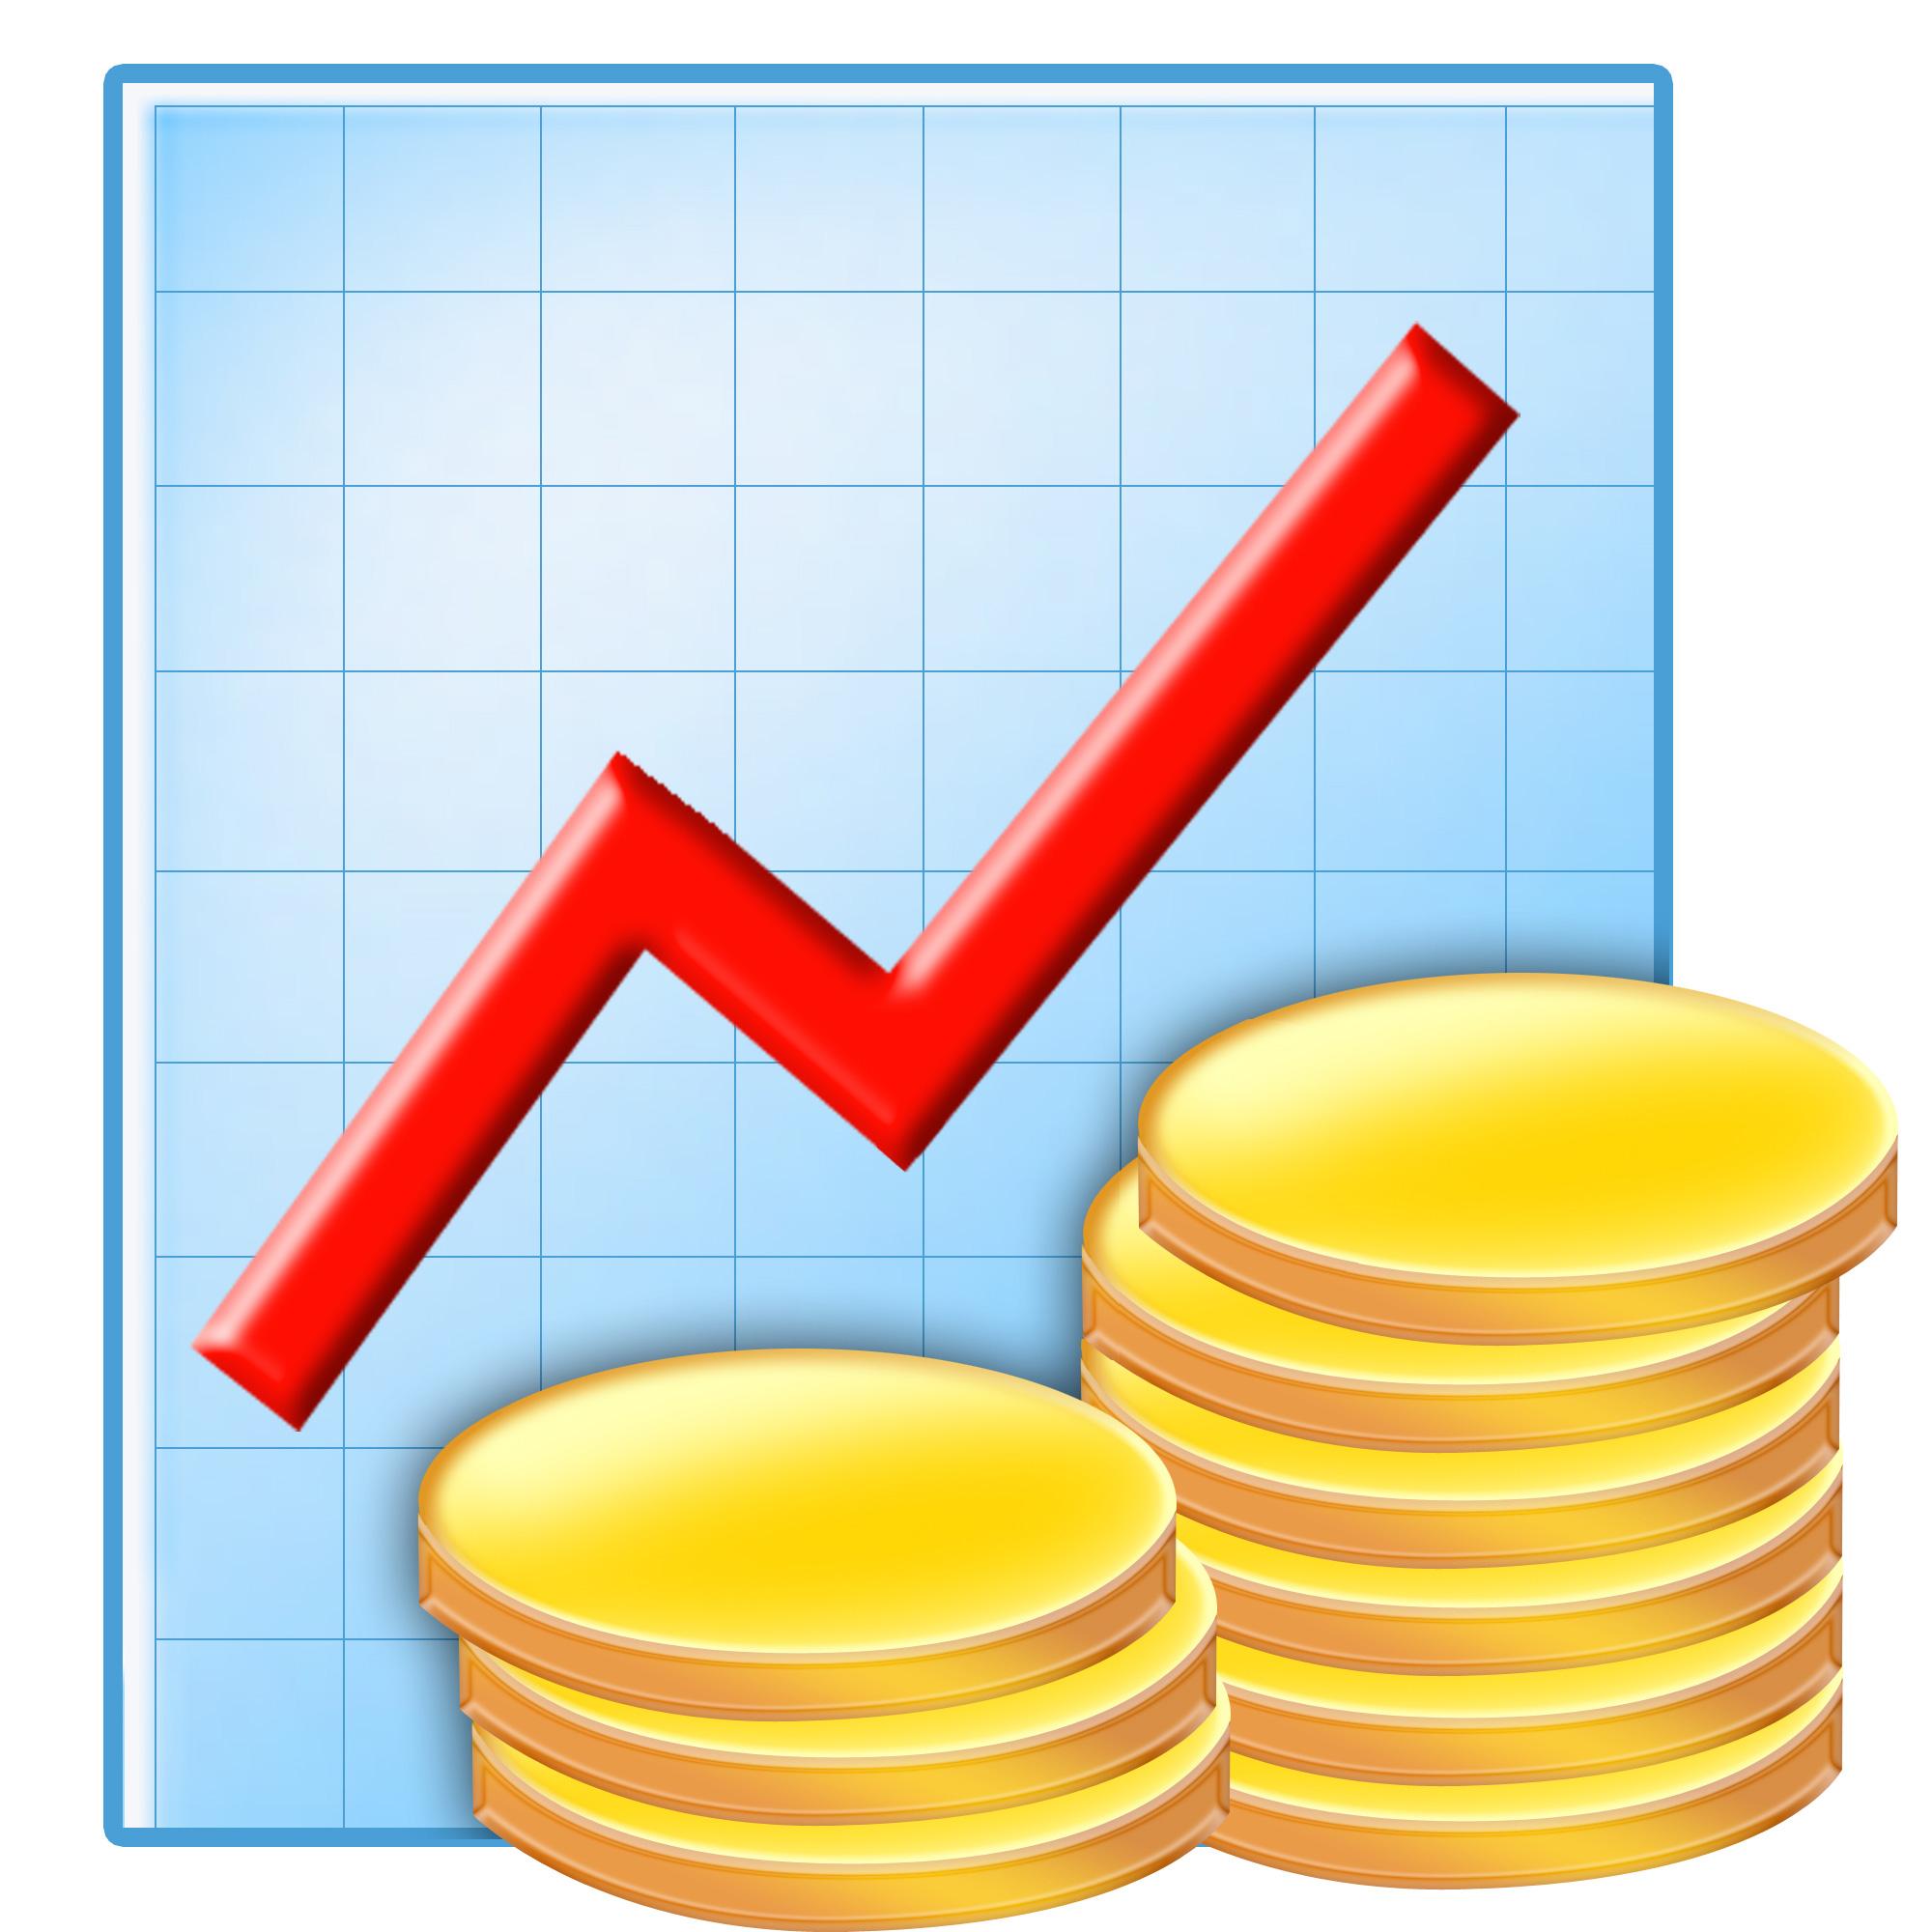 spb_finance_2000.jpg